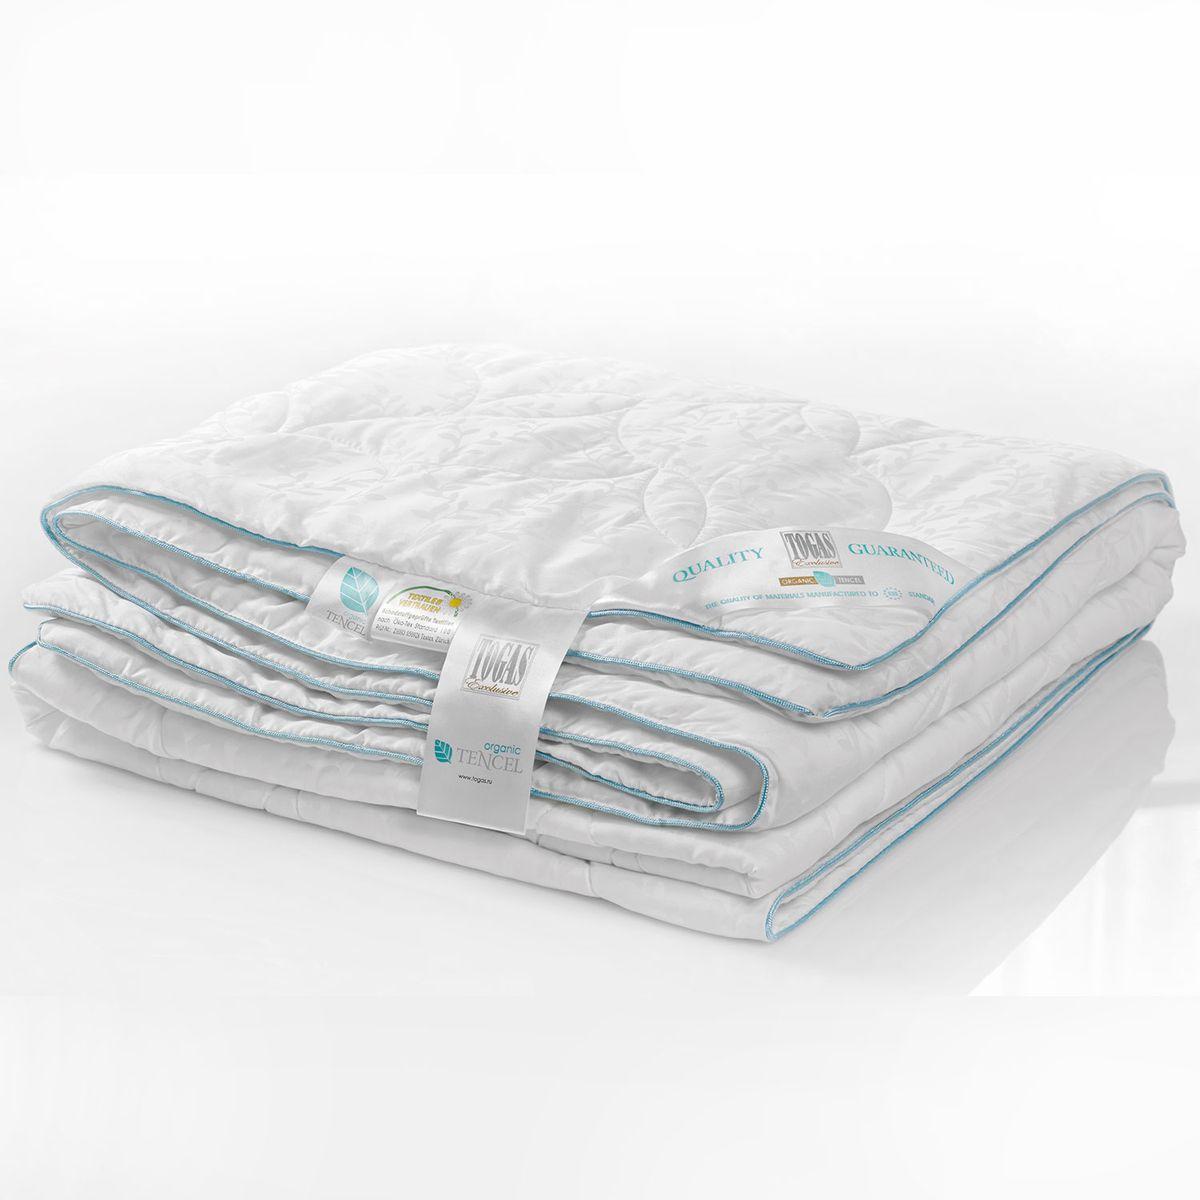 Одеяло Органик тенсель эвкалиптовое волокно в ткани тенсель, 200 х 210 см. 20.04.12.005920.04.12.0059Состав: чехол - 100% жаккард тенсель; наполнитель - 100% тенсель. Детали: одеяло каростепное, классический крой, двойная отстрочка, окантовка голубым шнуром, чехол с растительным жаккардовым рисунком, наполнитель - тенсель. Уход: рекомендована сухая чистка. Возможна машинная стирка в домашних условиях в теплой воде (температура не выше 30°С) в деликатном режиме, если есть соответствующее указание в инструкции по уходу. Для длительного хранения и перевозки используйте тканевые сумки-чехлы, в которые одеяло было упаковано при покупке. Регулярно проветривайте одеяла и подушки, желательно на свежем воздухе, но не под прямыми солнечными лучами.